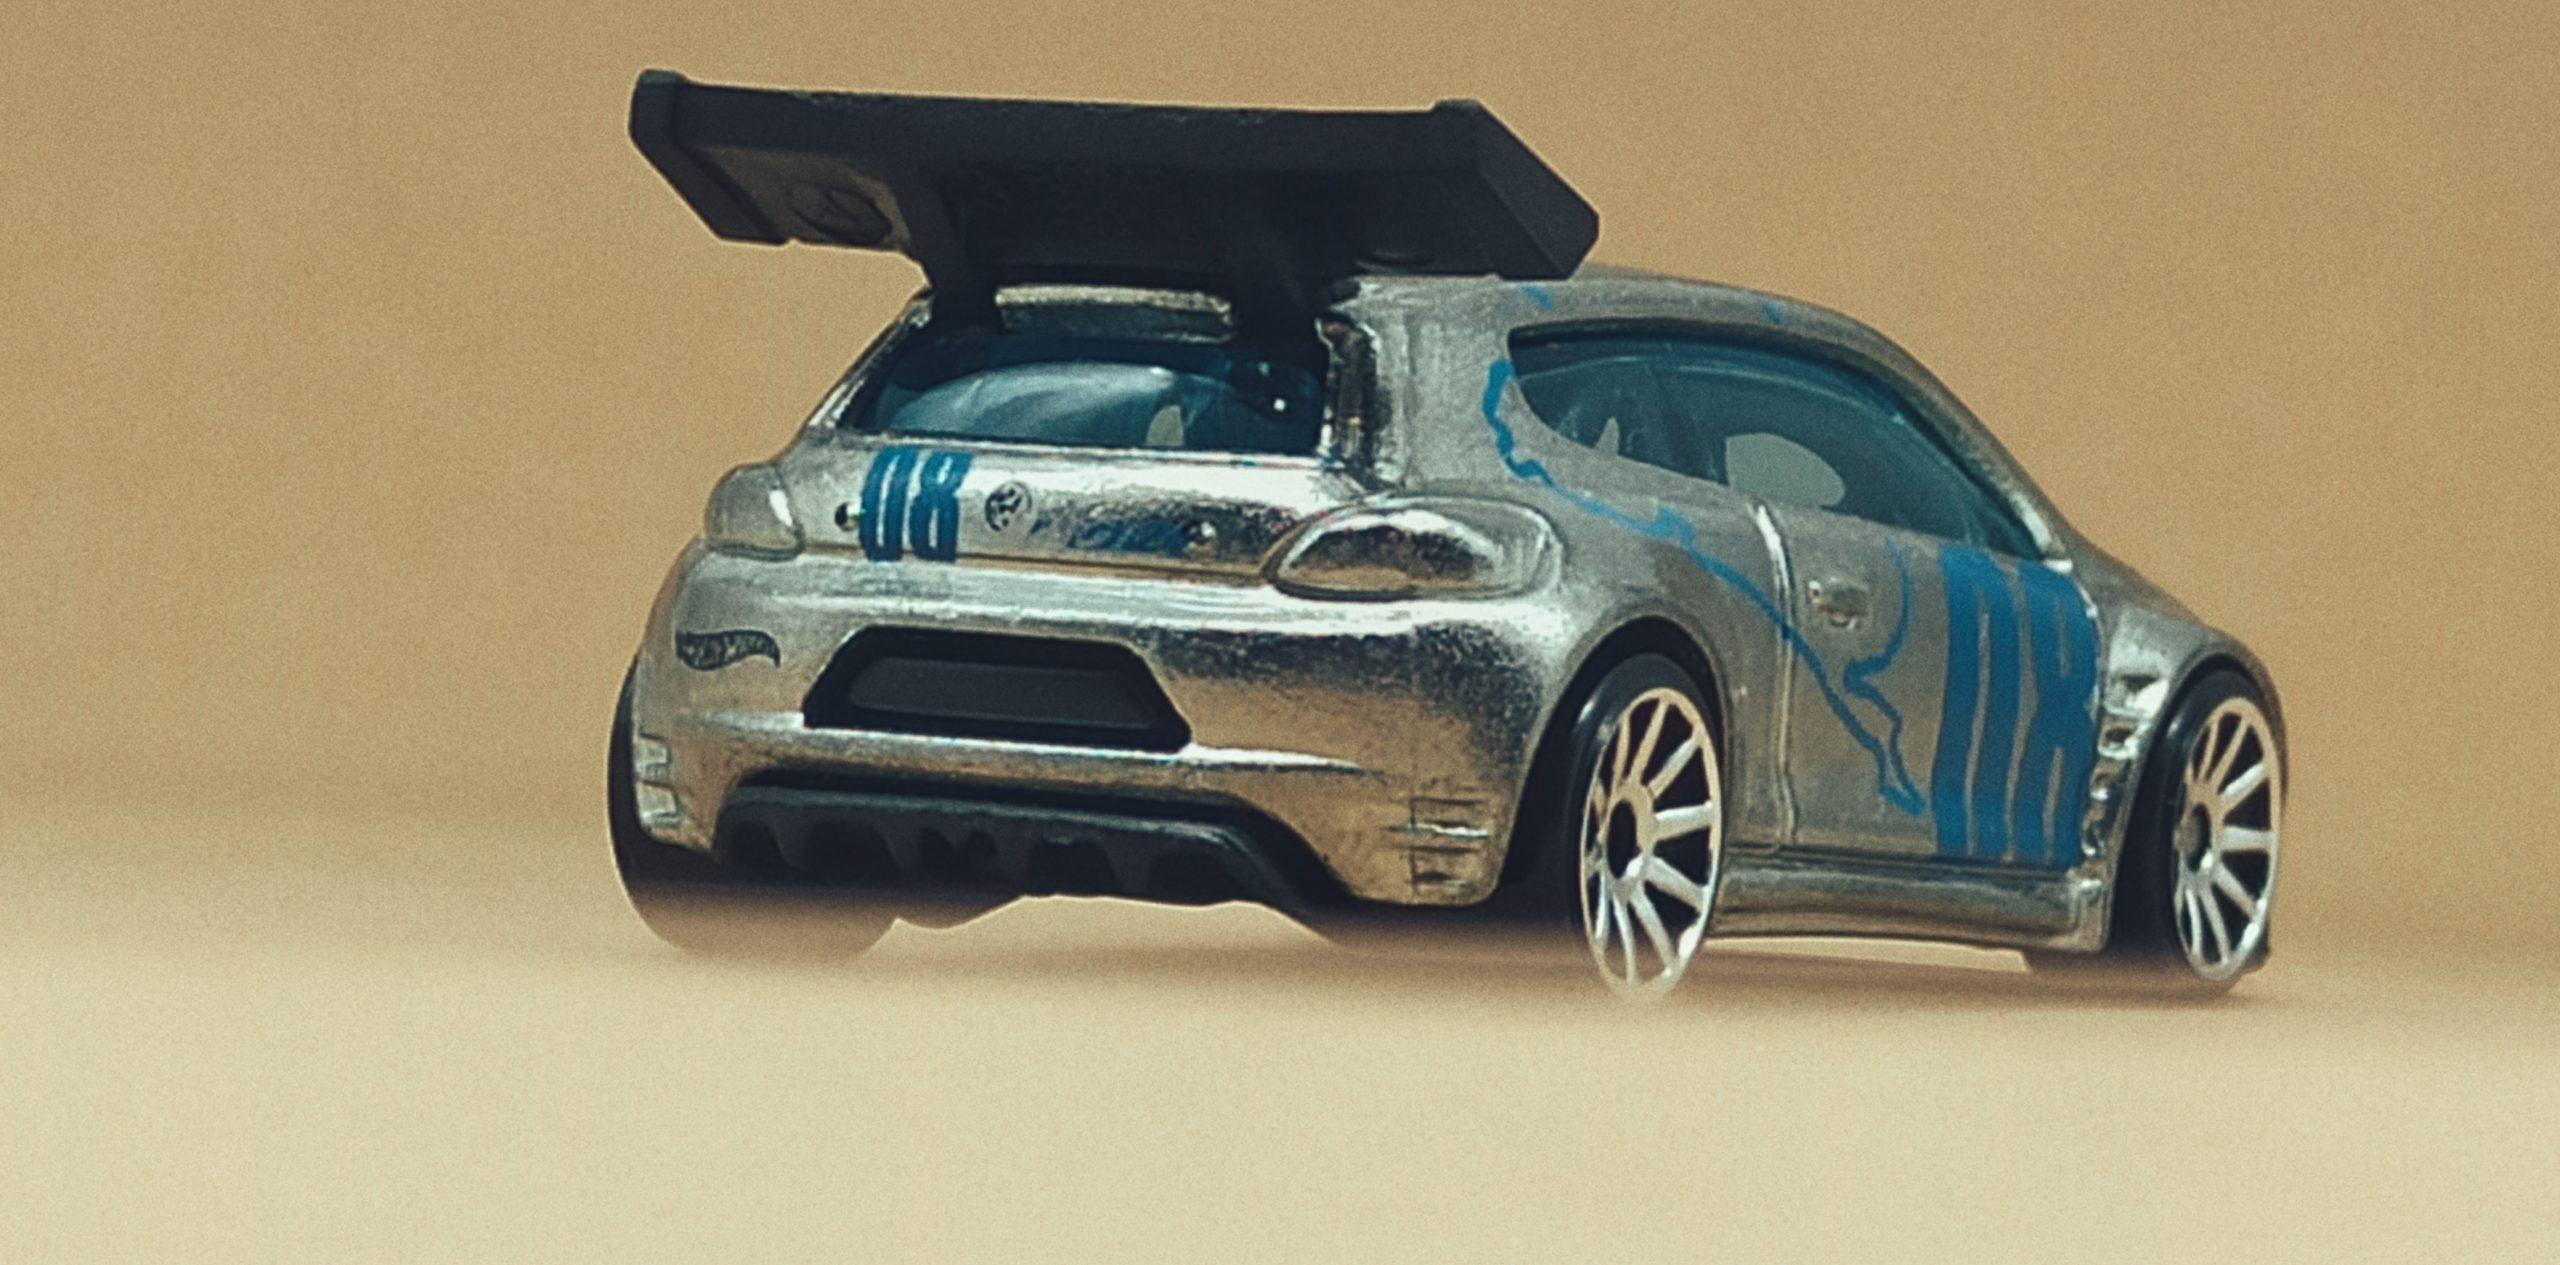 Hot Wheels Volkswagen Scirocco GT 24 (X2050) 2013 (160/250) HW Showroom: Asphalt Assault VW zamac back angle